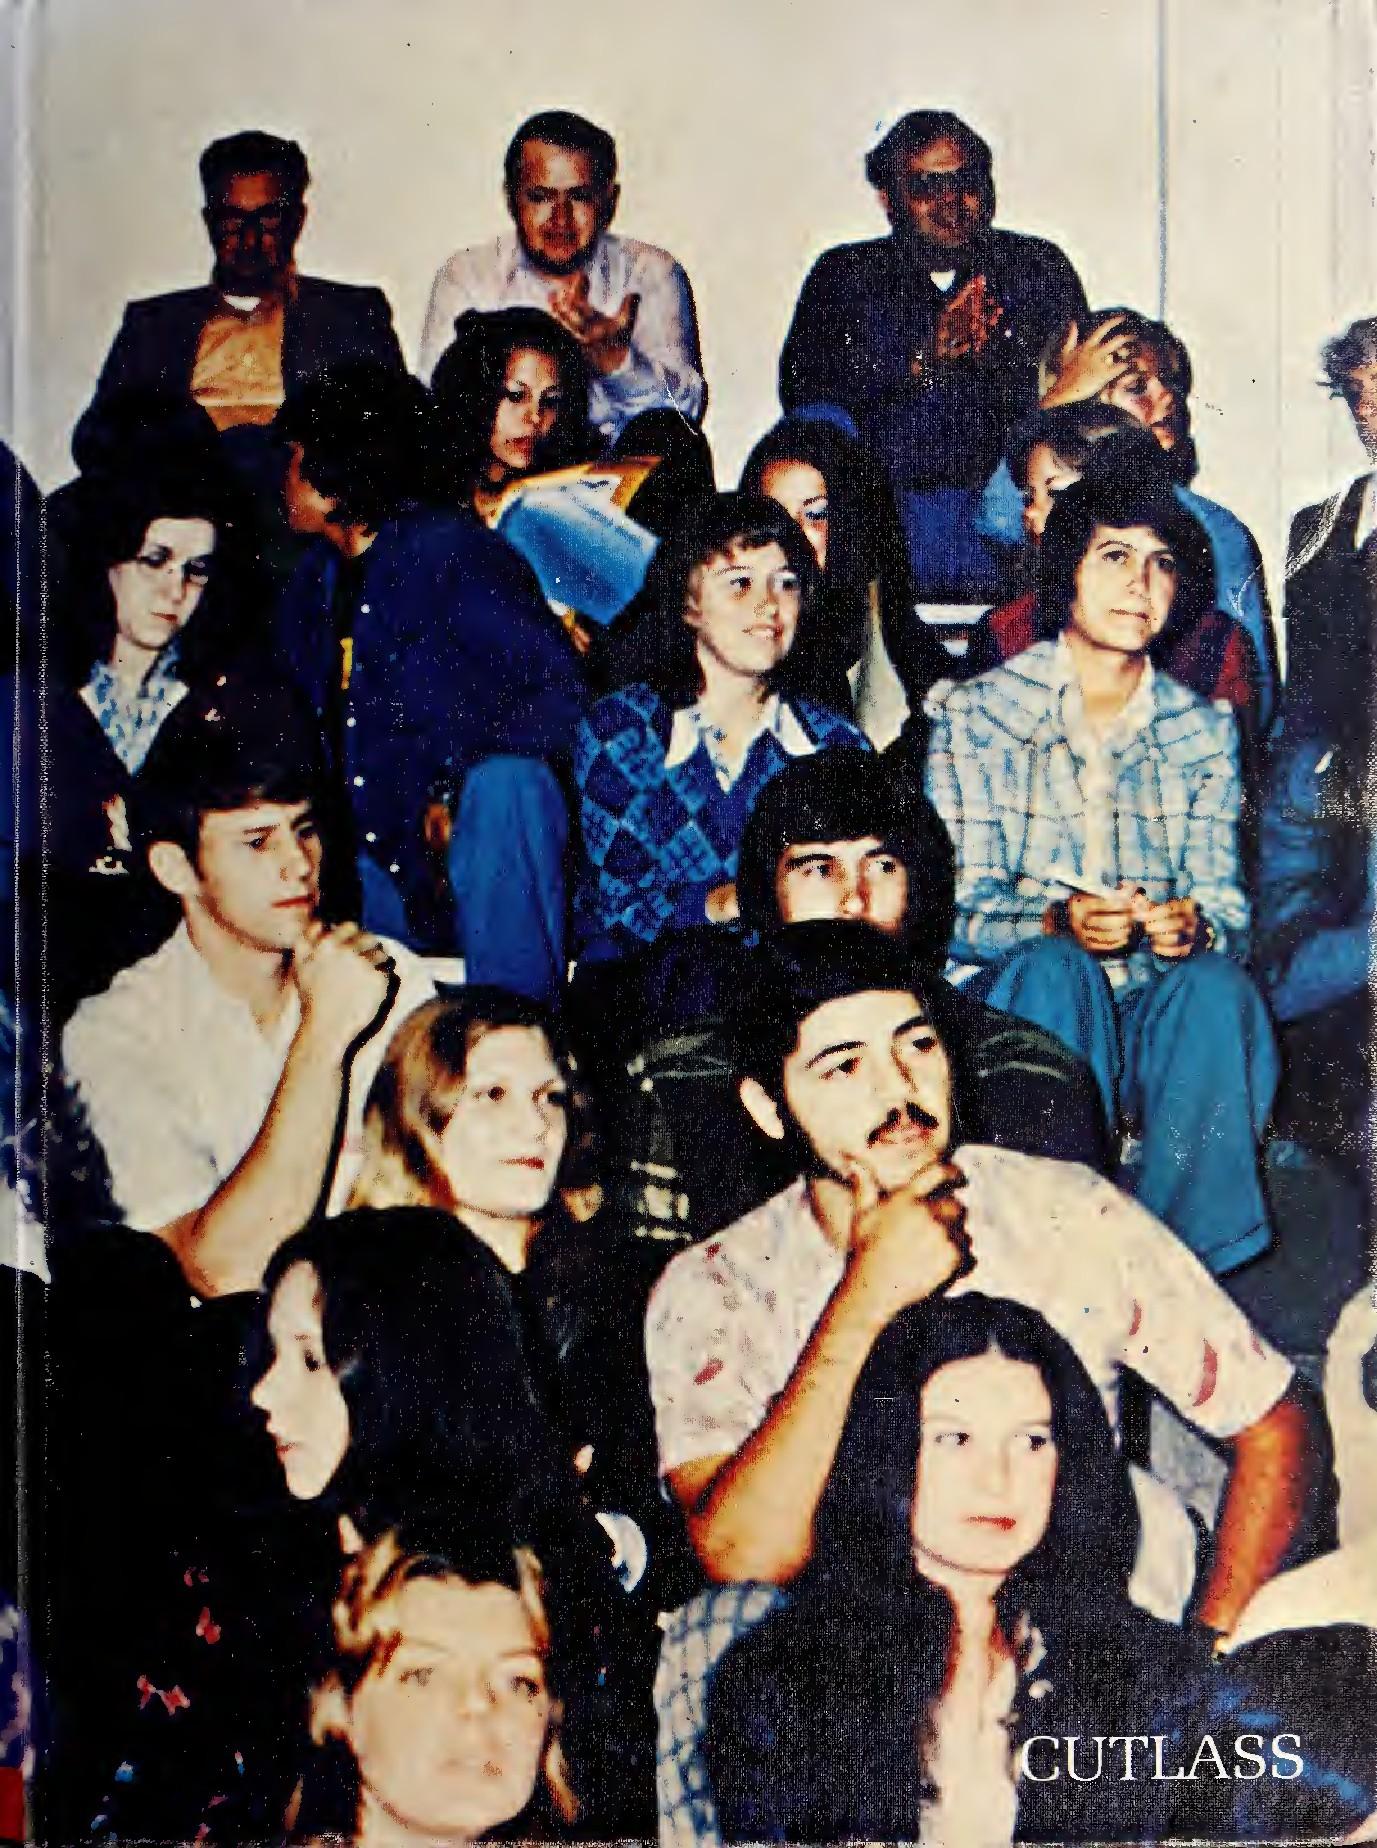 Cutlass, 1975